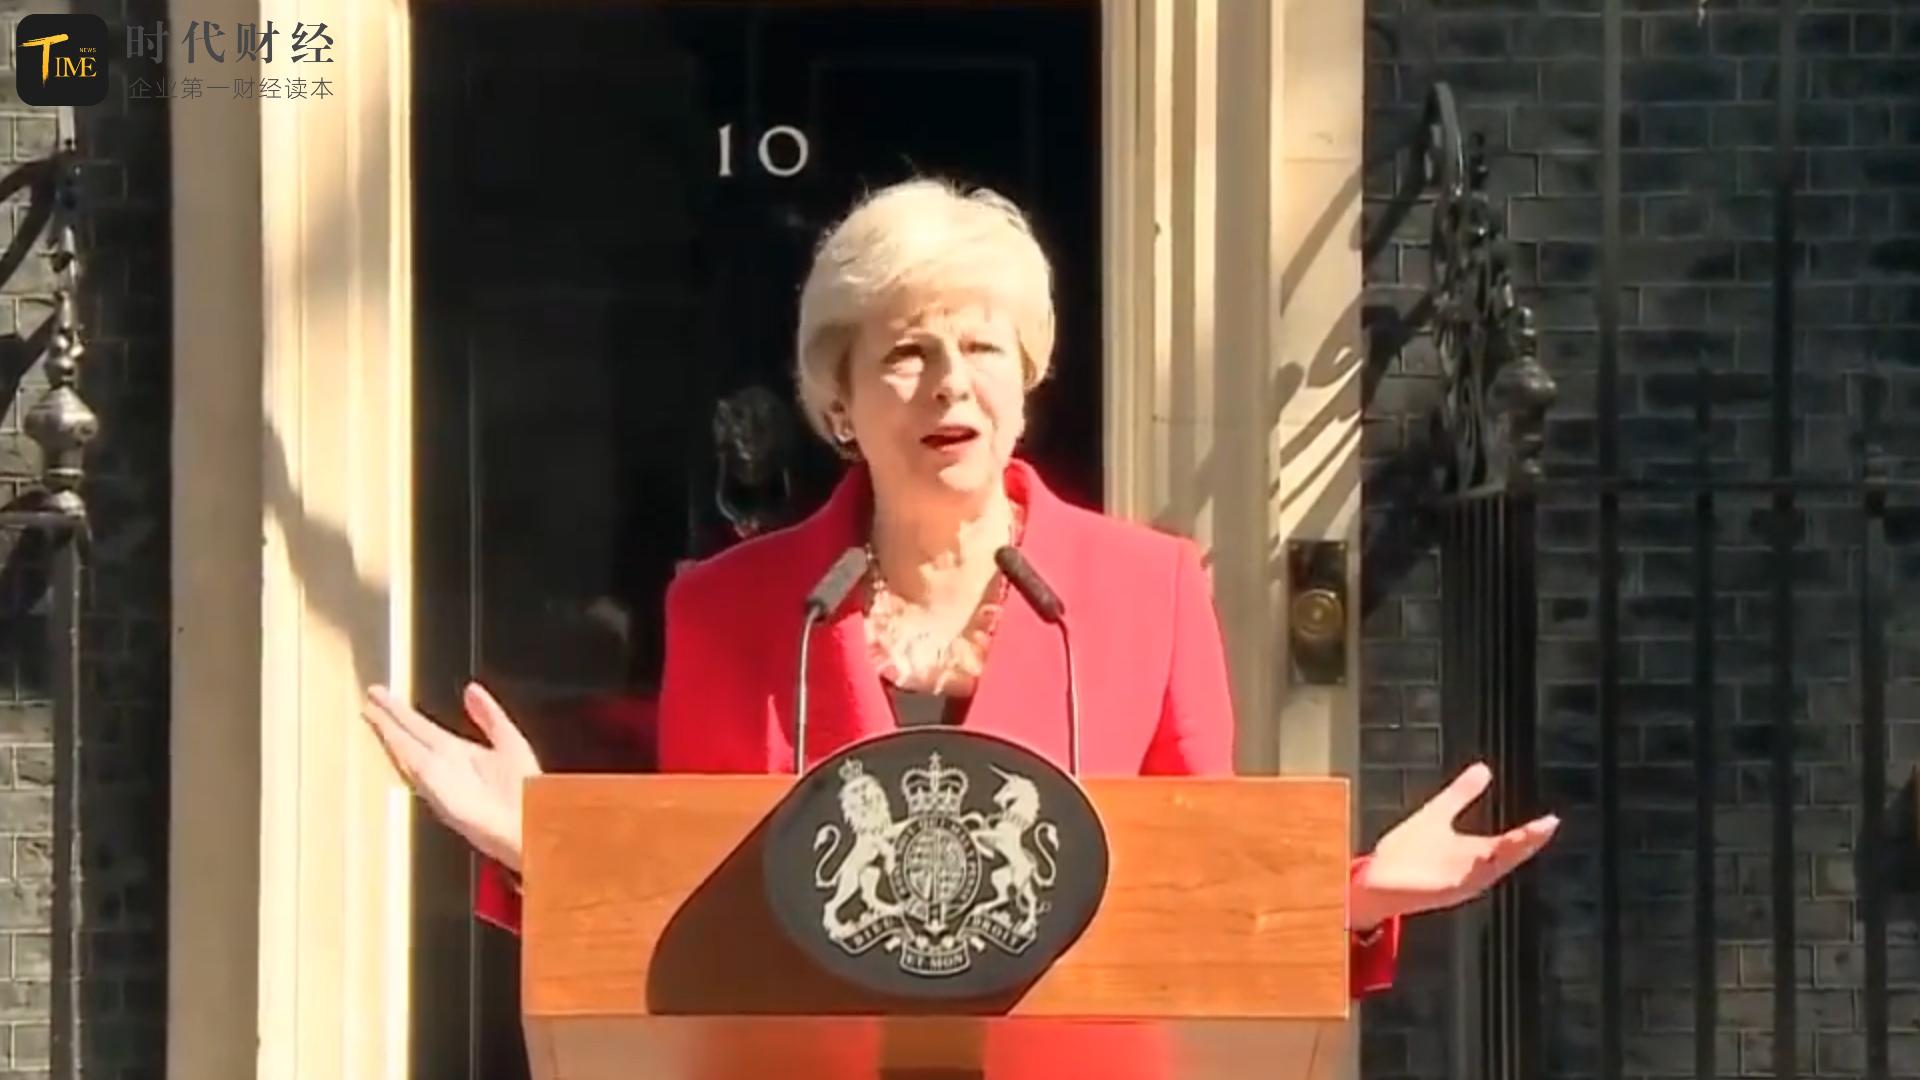 英国史上最惨首相即将卸任,梅姨到底做错了什么?